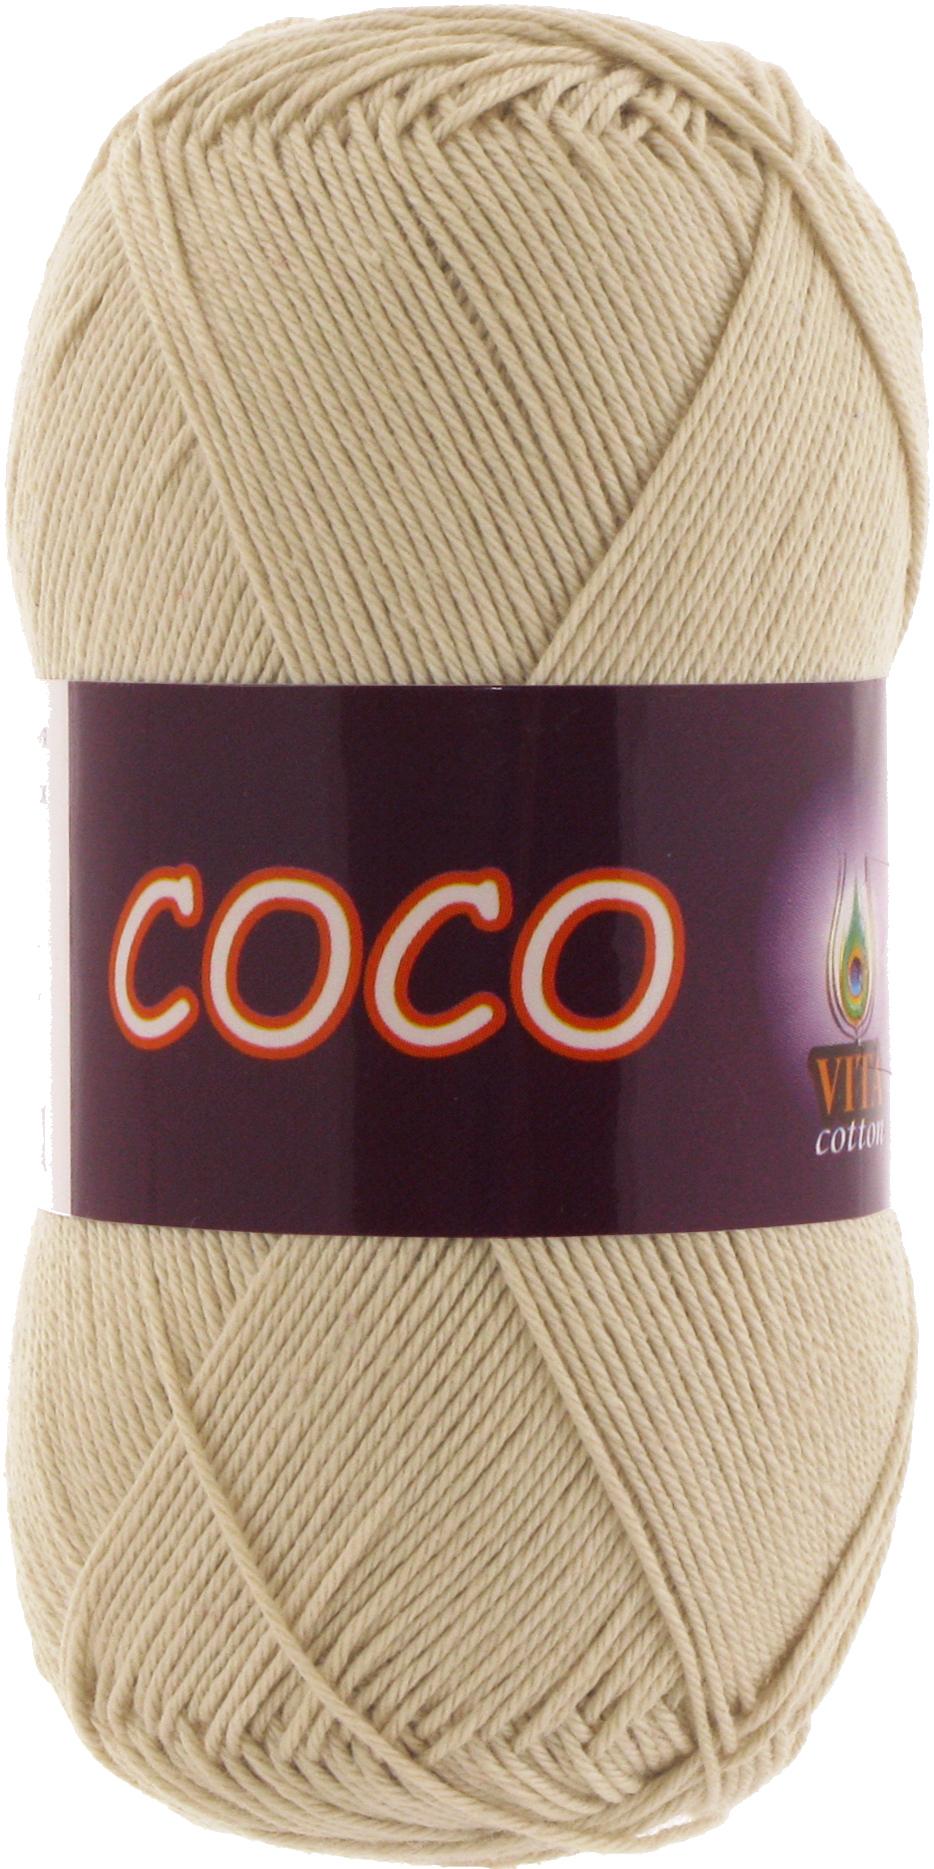 Пряжа Vita Coco 3889 бежевый